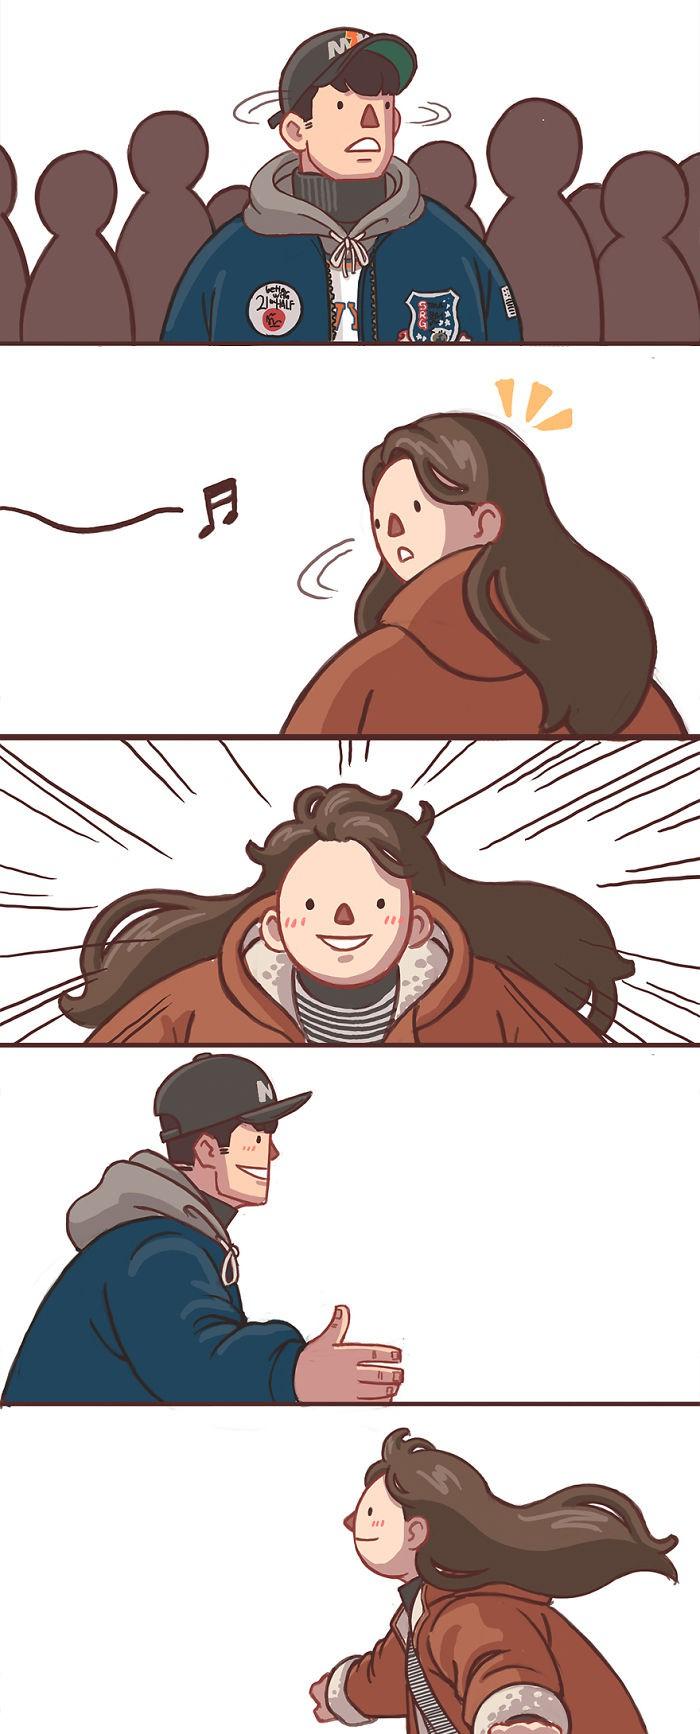 Có những bình yên mang tên anh: Bộ tranh lãng mạn nhất dành cho các cặp đôi mùa lạnh này - Ảnh 5.